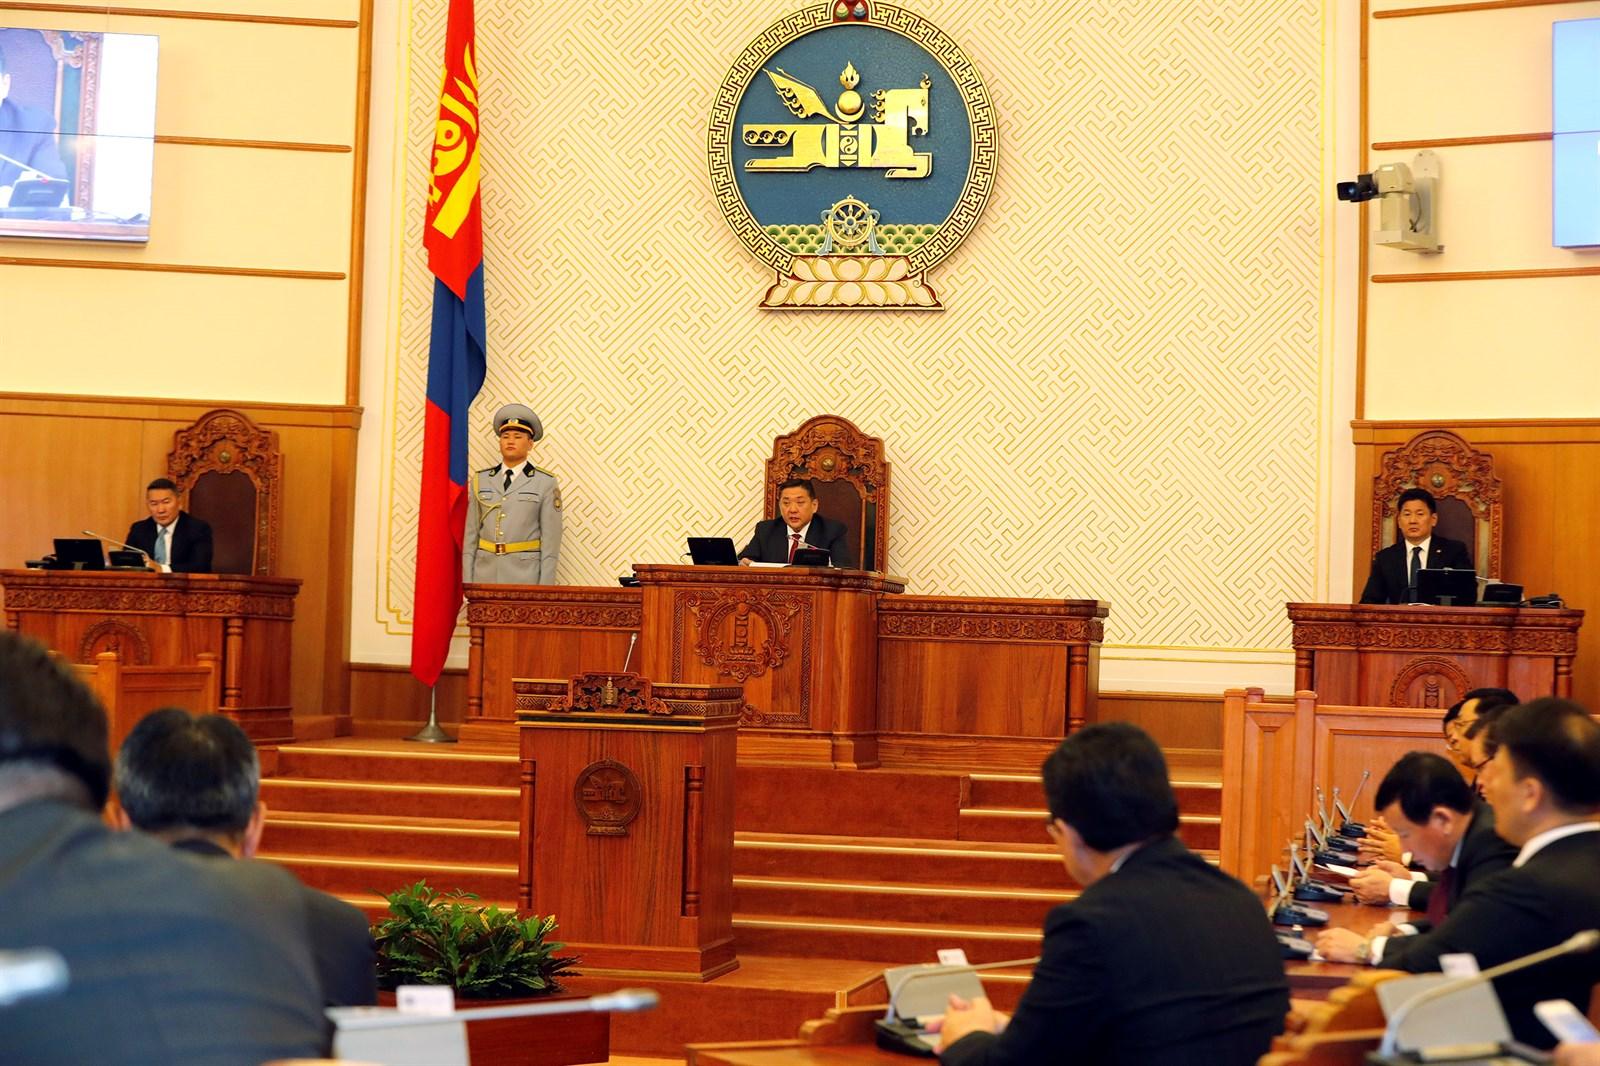 М.Энхболд: УИХ-ын гишүүний ёс зүй Монгол төрийн нүүр царай болдгийг ухаарцгаая